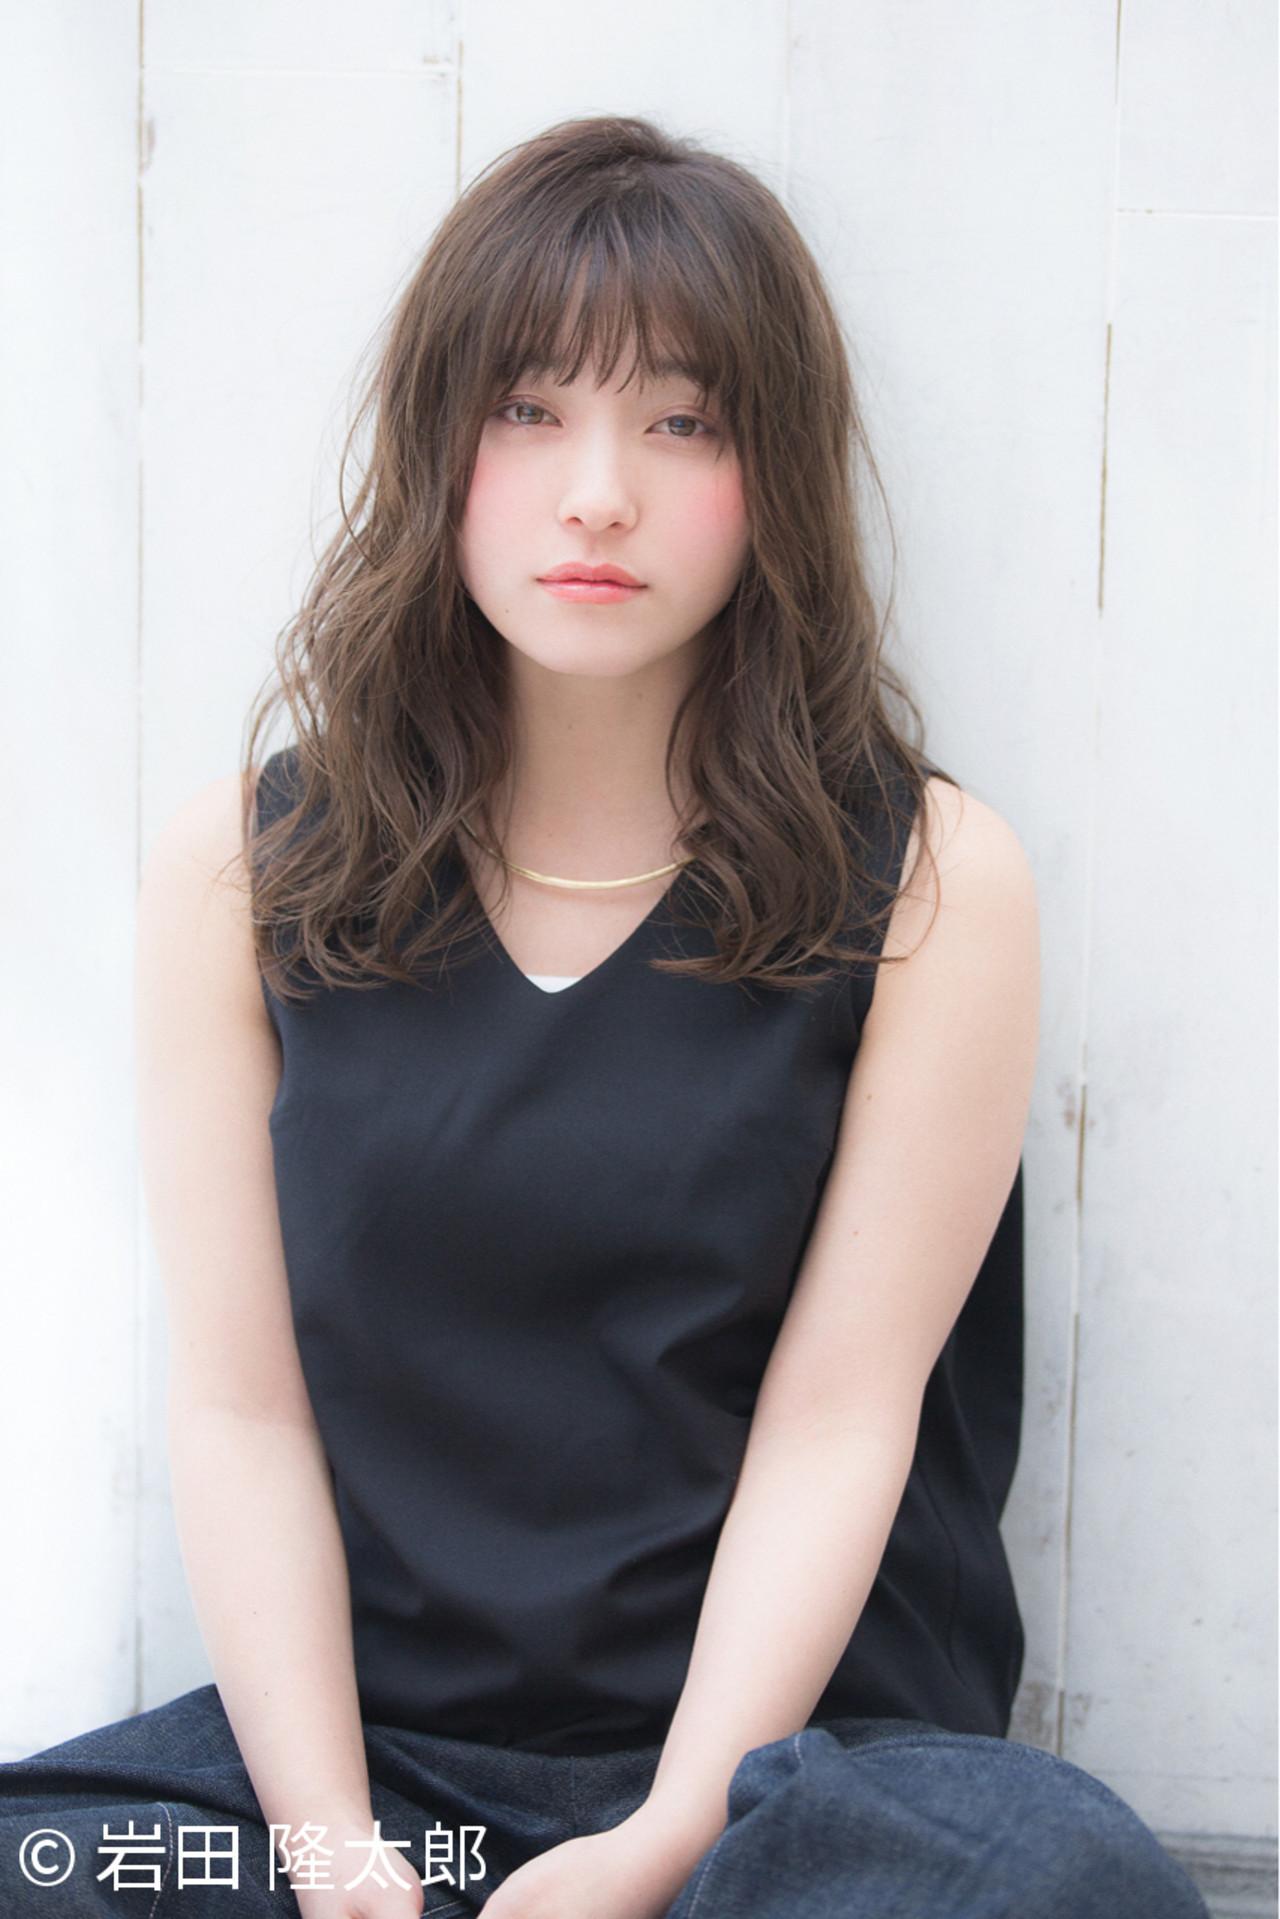 丸顔×おすすめヘアスタイル 岩田 隆太郎 | NEUTRAL produced by GARDEN